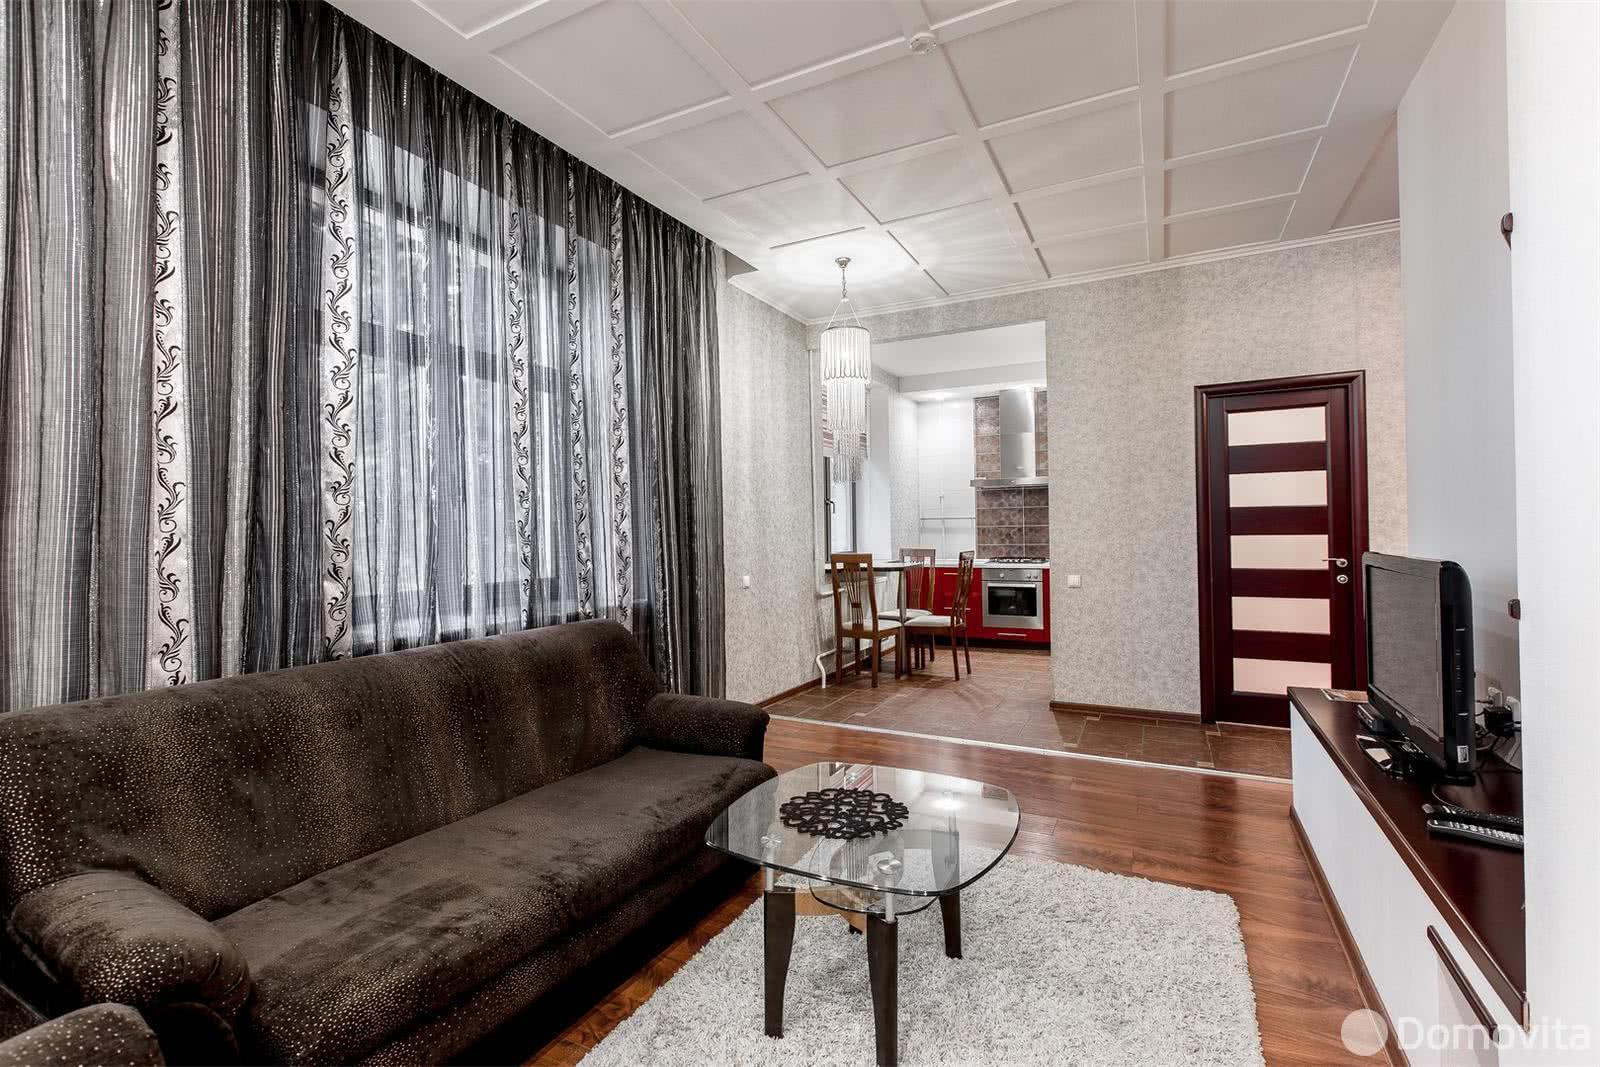 Аренда 2-комнатной квартиры на сутки в Минске ул. Свердлова, д. 19 - фото 3